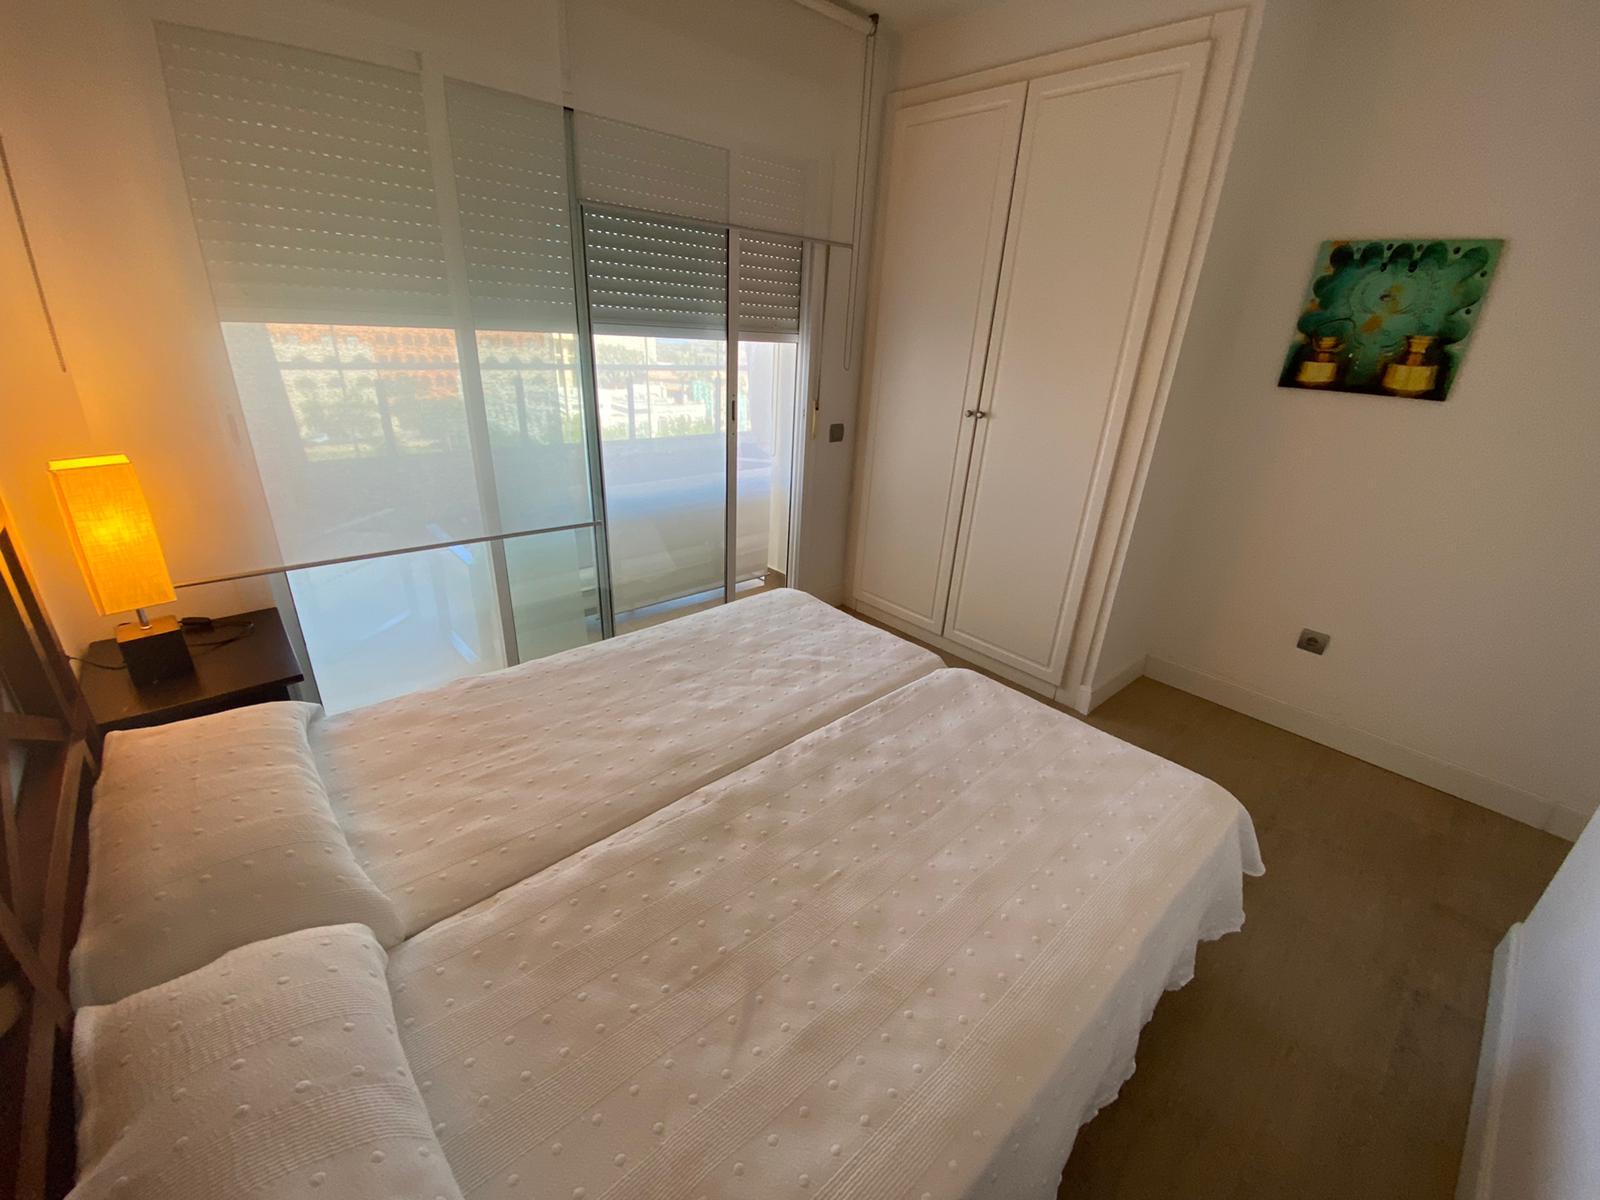 Imagen 29 del Apartamento Turístico, Ático 1 Poniente (3d+2b), Punta del Moral (HUELVA), Paseo de la Cruz nº22